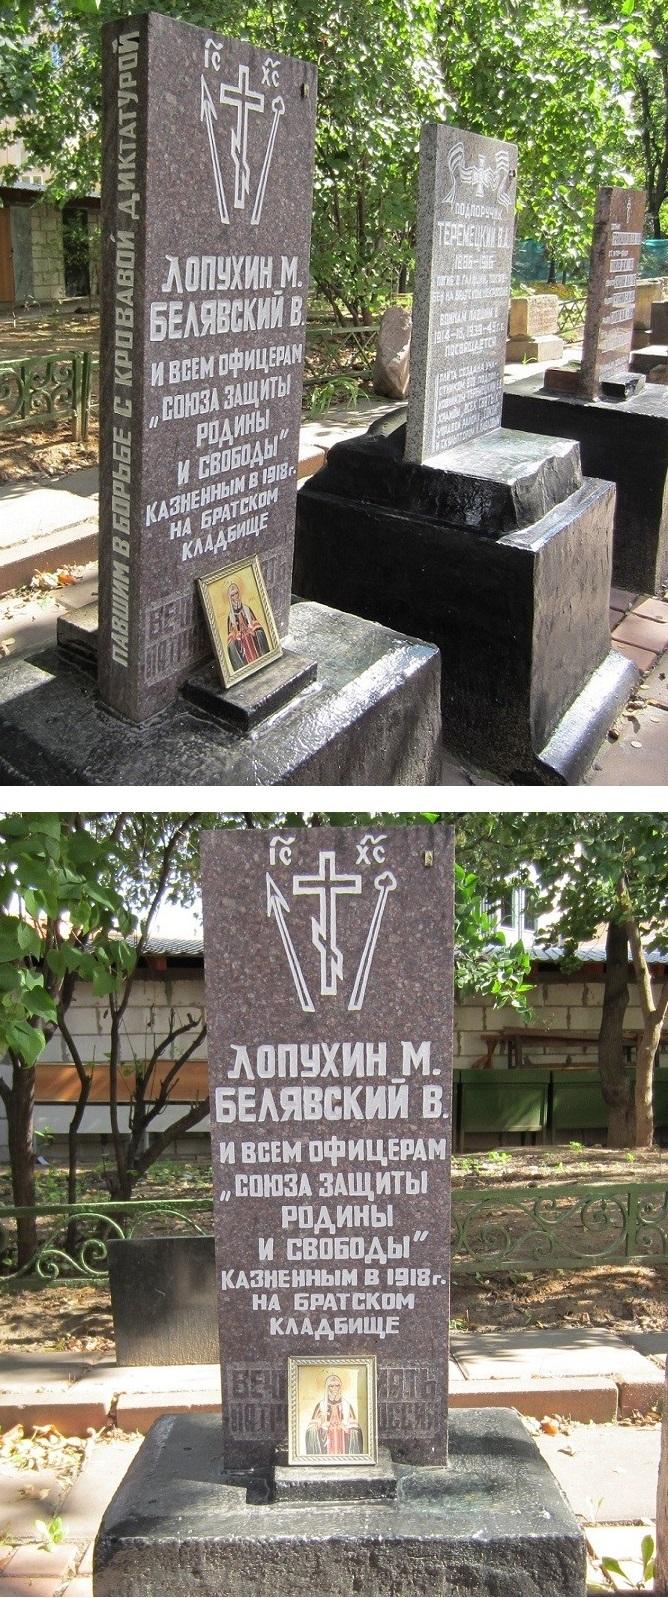 К 20-летию создания Мемориалов у Храма Всех Святых и Братском кладбище героев Первой Мировой войны. H-137